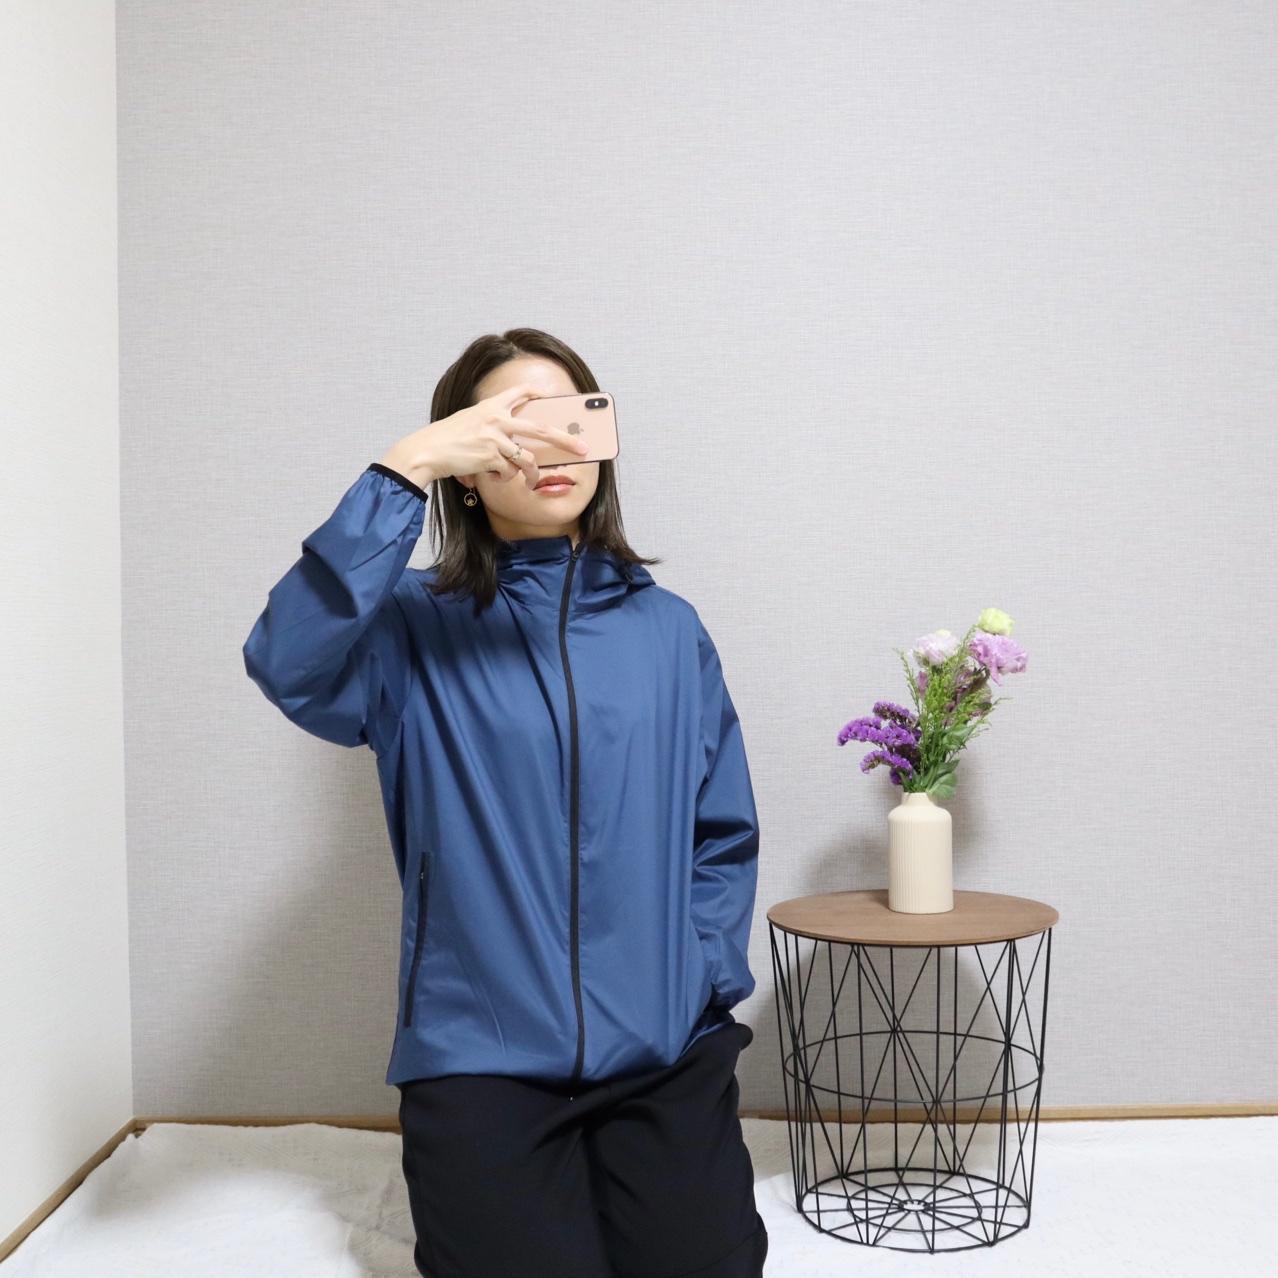 《発売初日に完売❤️》【UNIQLO × Theory】ポケッタブルUVカットパーカをゲット☻!_4